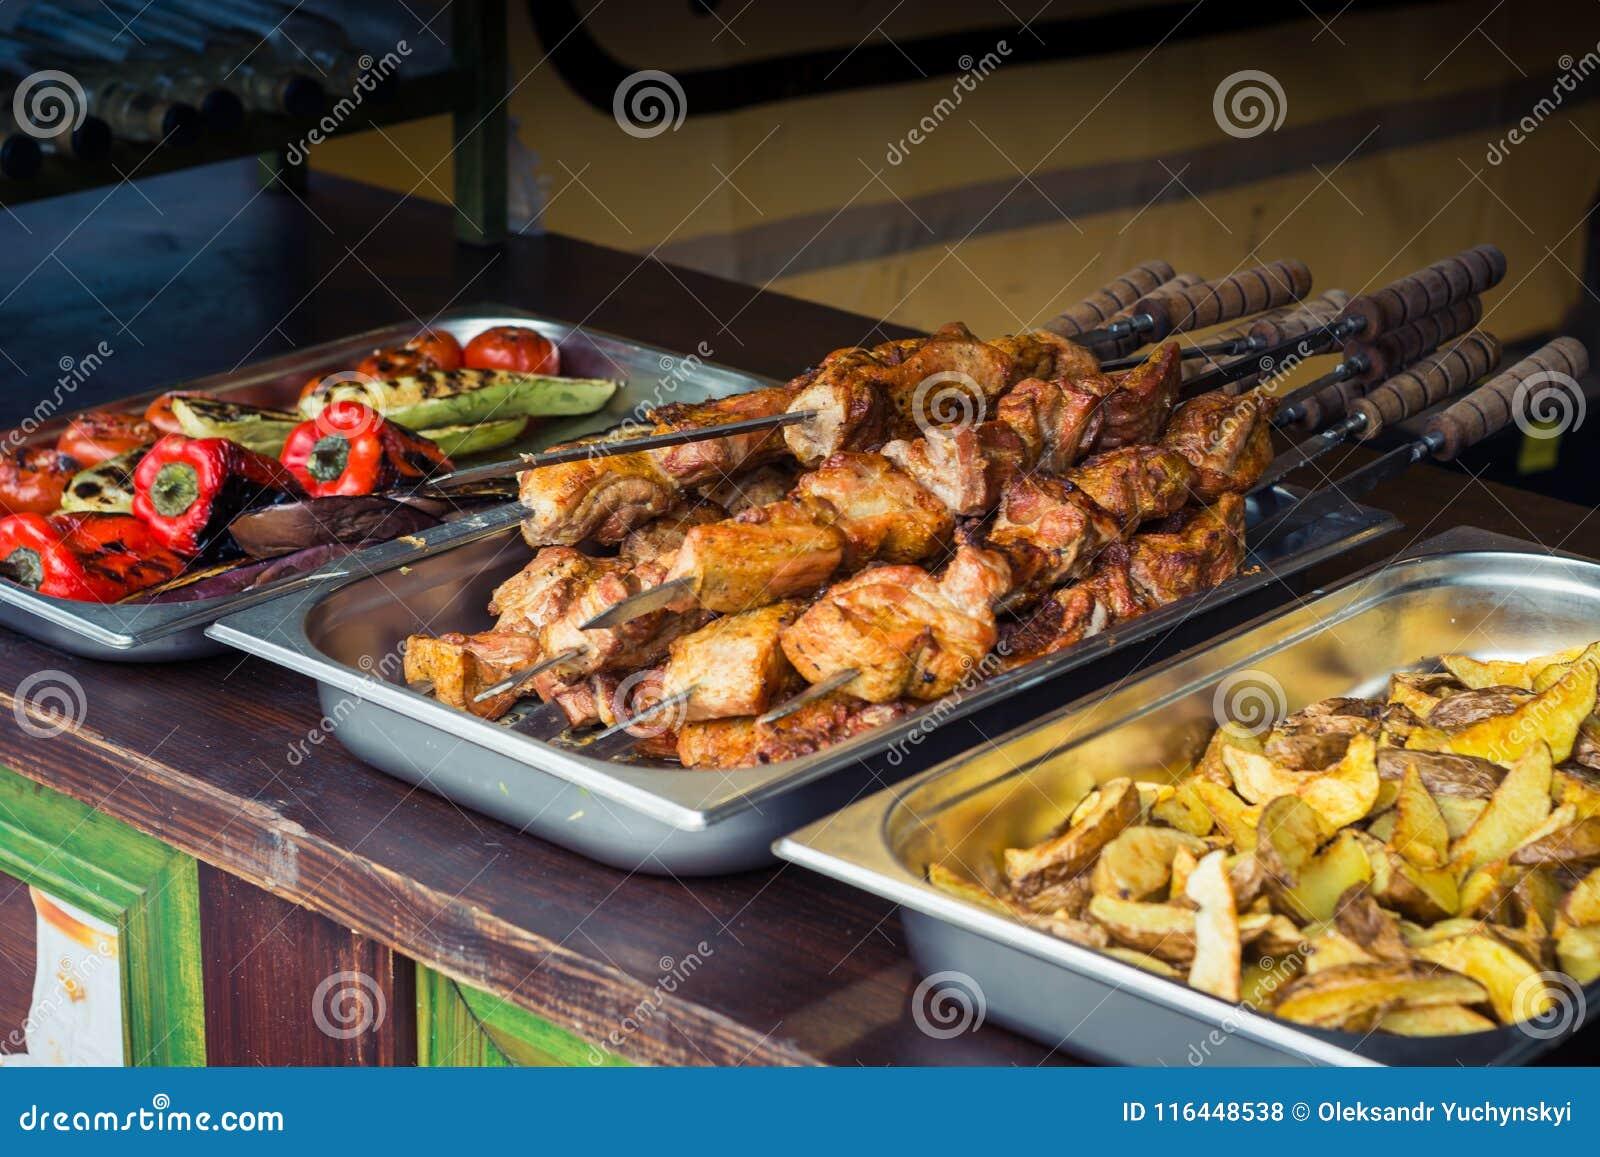 Viande frite sur des brochettes, et légumes grillés sur des plateaux